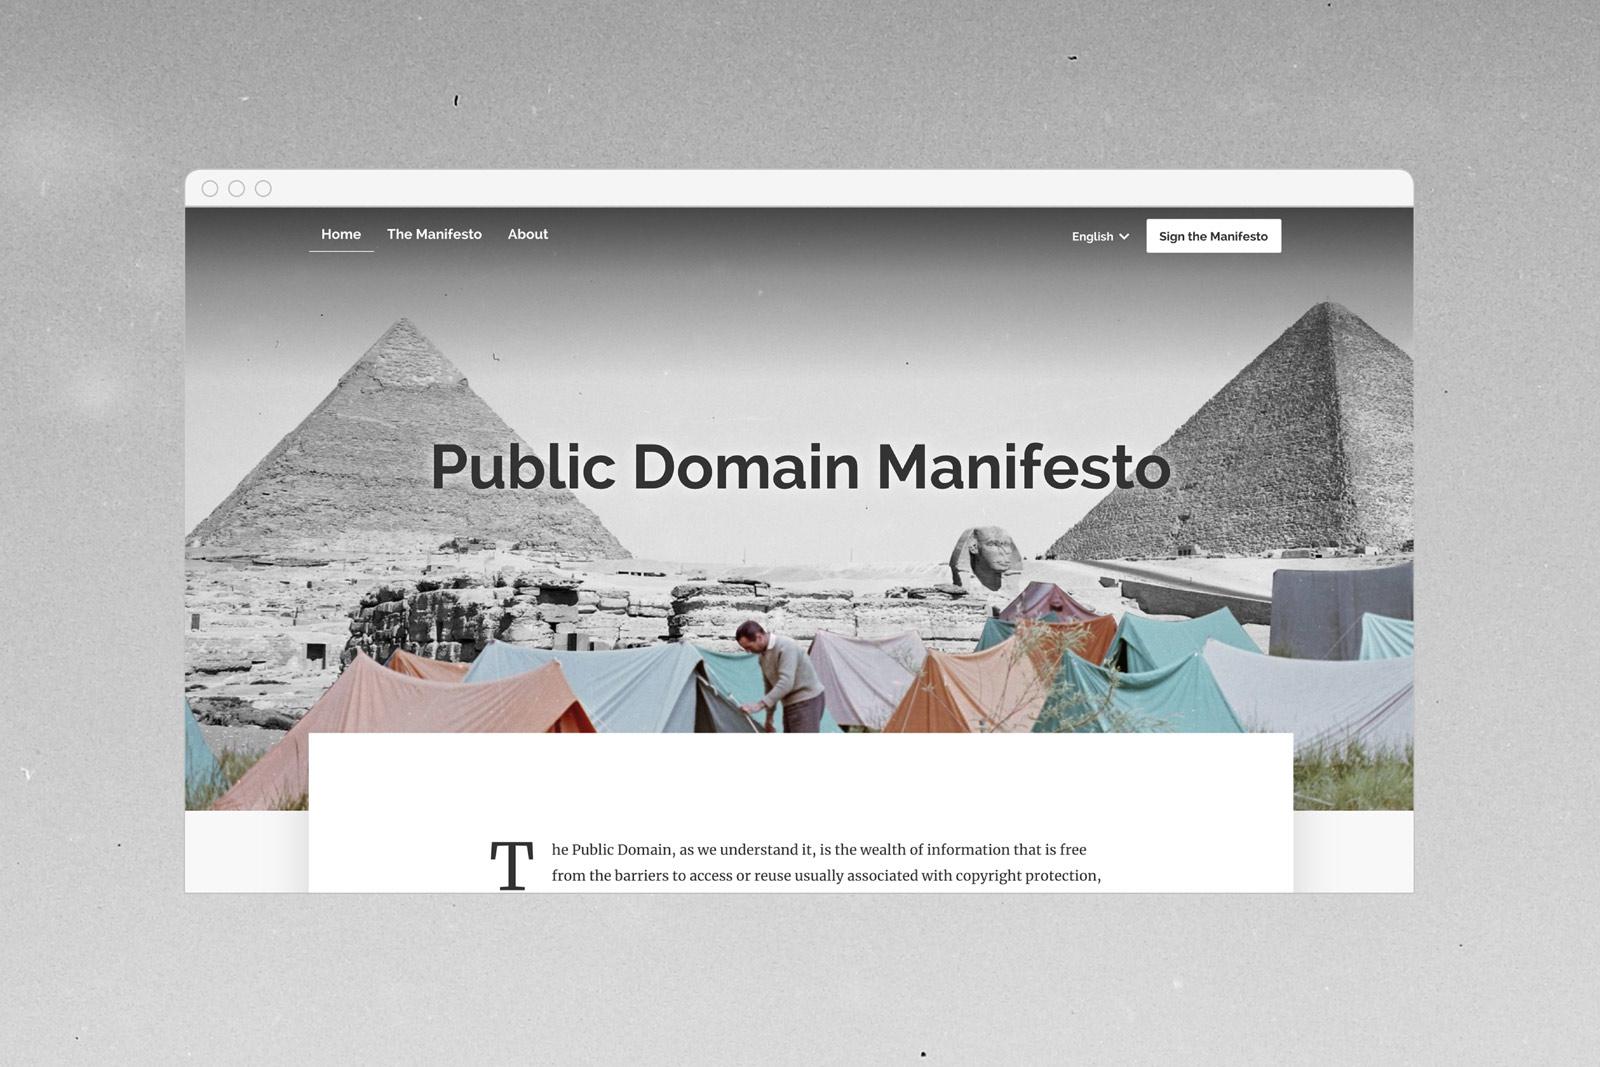 Public Domain Manifesto